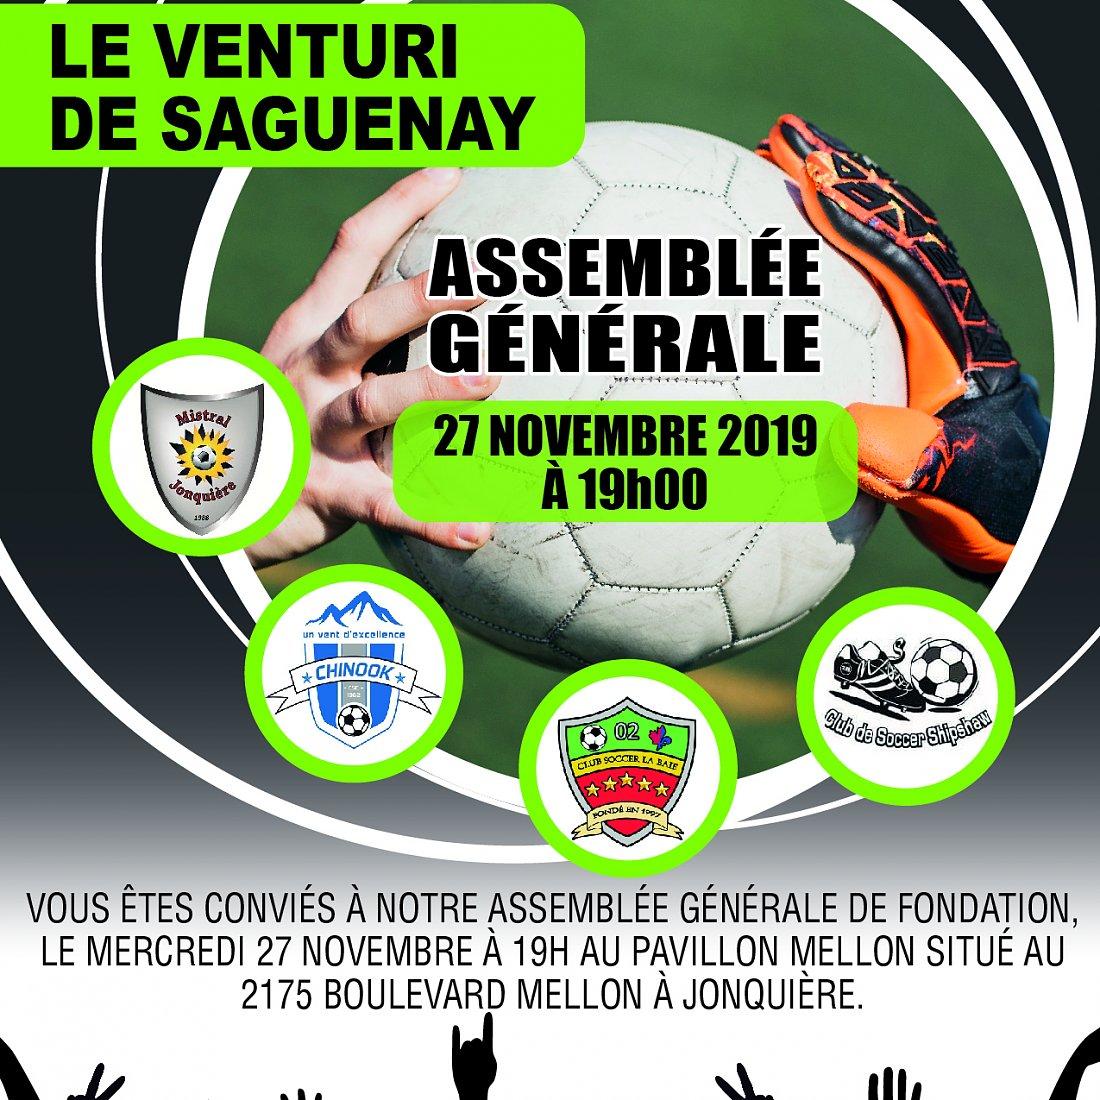 Assemblée générale de fondation du Venturi de Saguenay